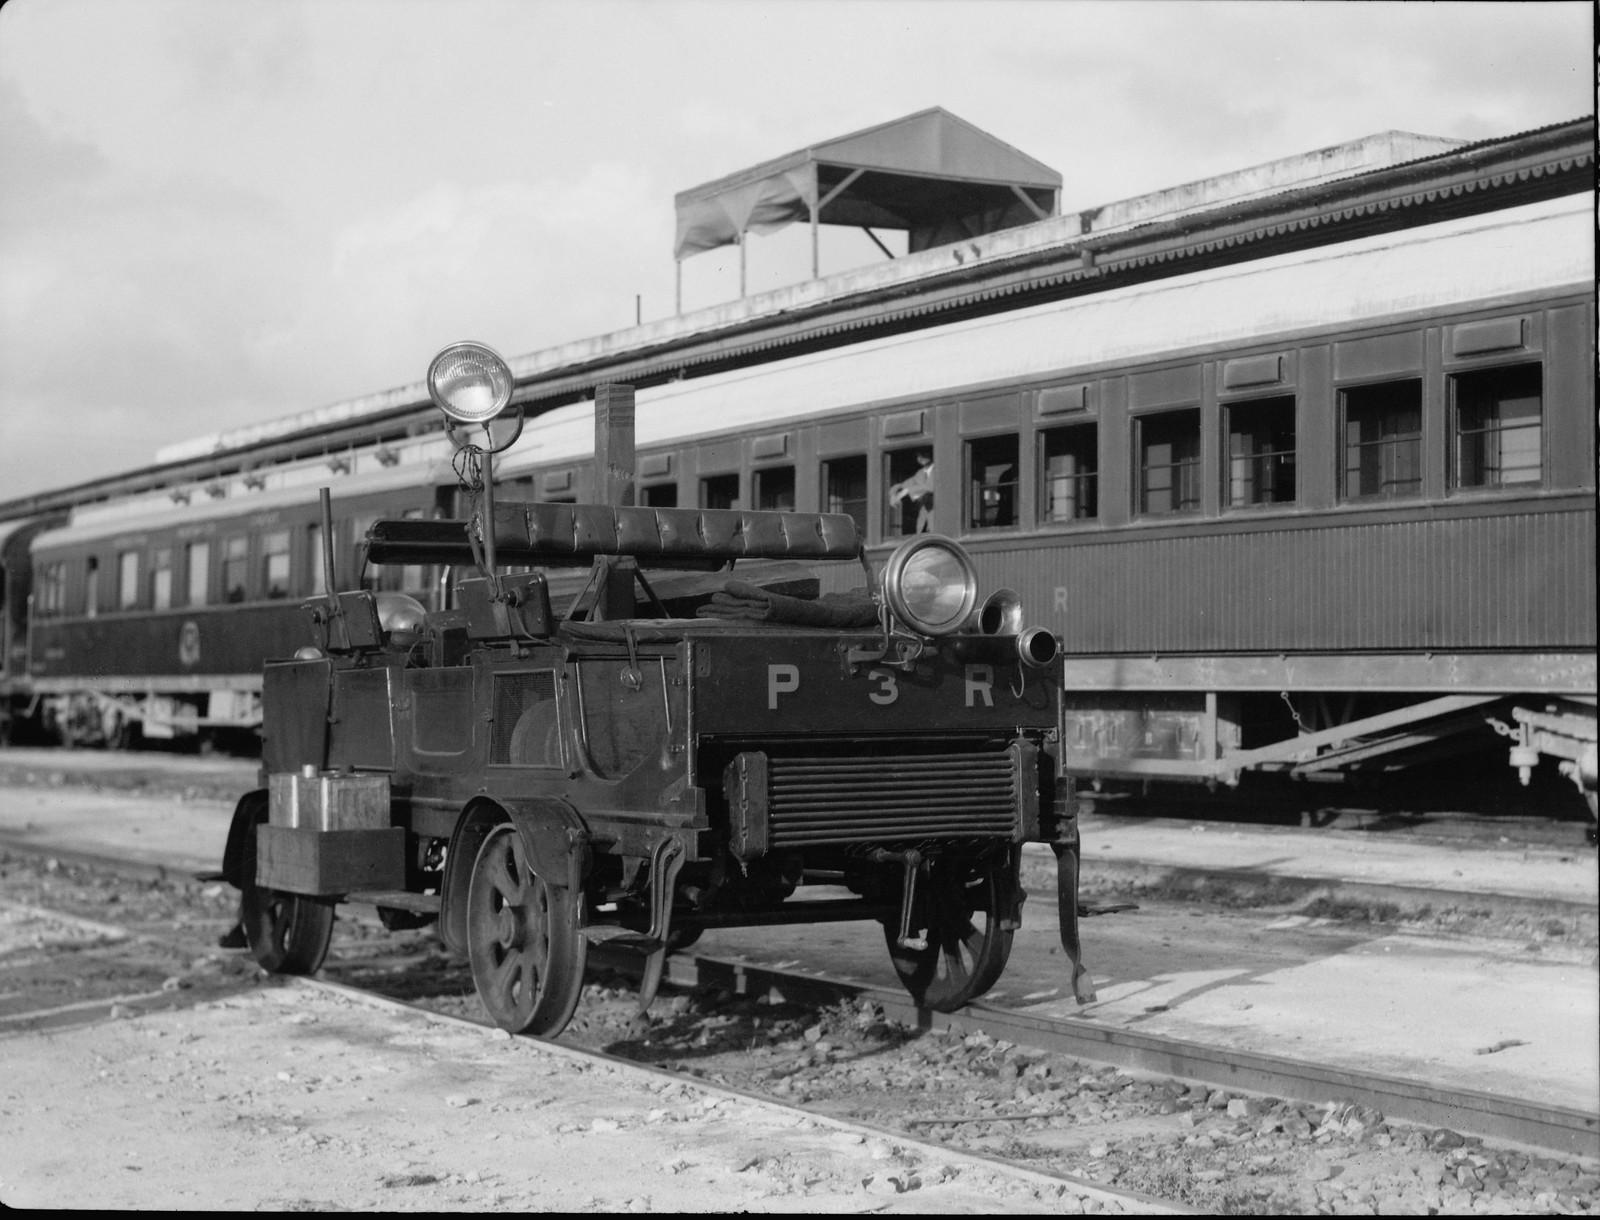 Бронемашина на Палестинской железной дороге